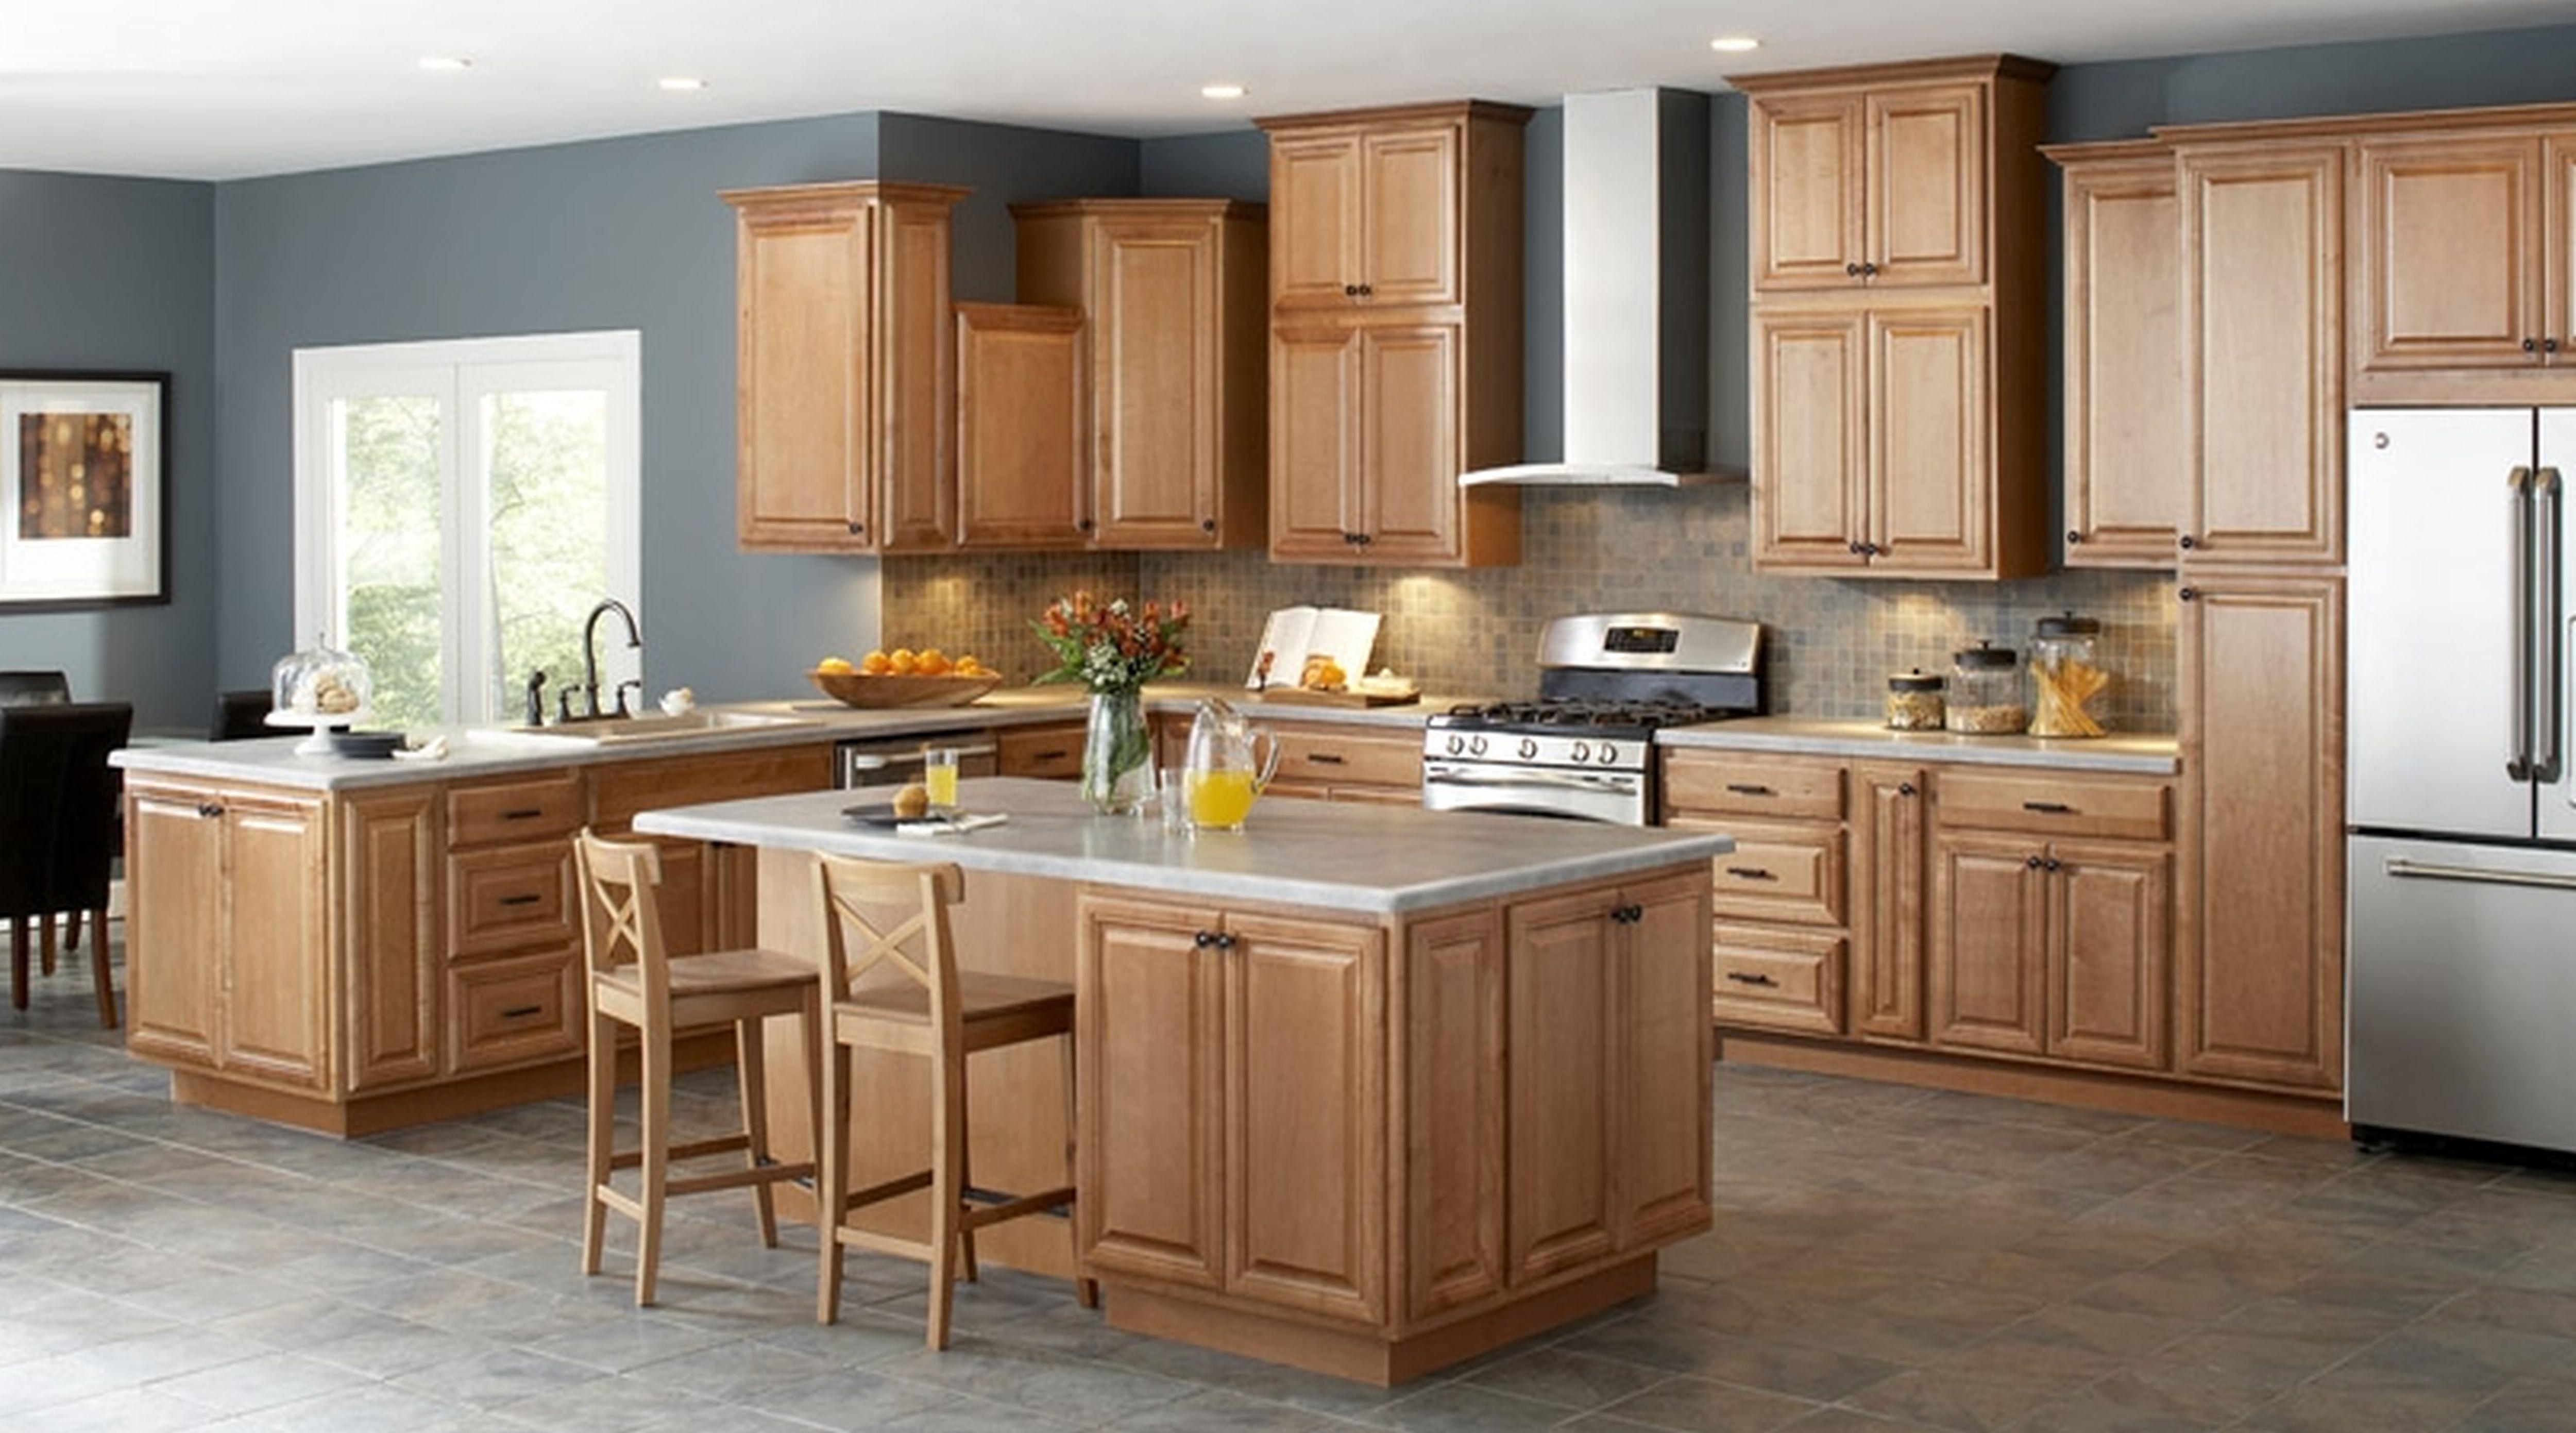 Pin By John Karissa Veirs On New Kitchen Kitchen Cabinet Styles Oak Kitchen Cabinets Kitchen Flooring